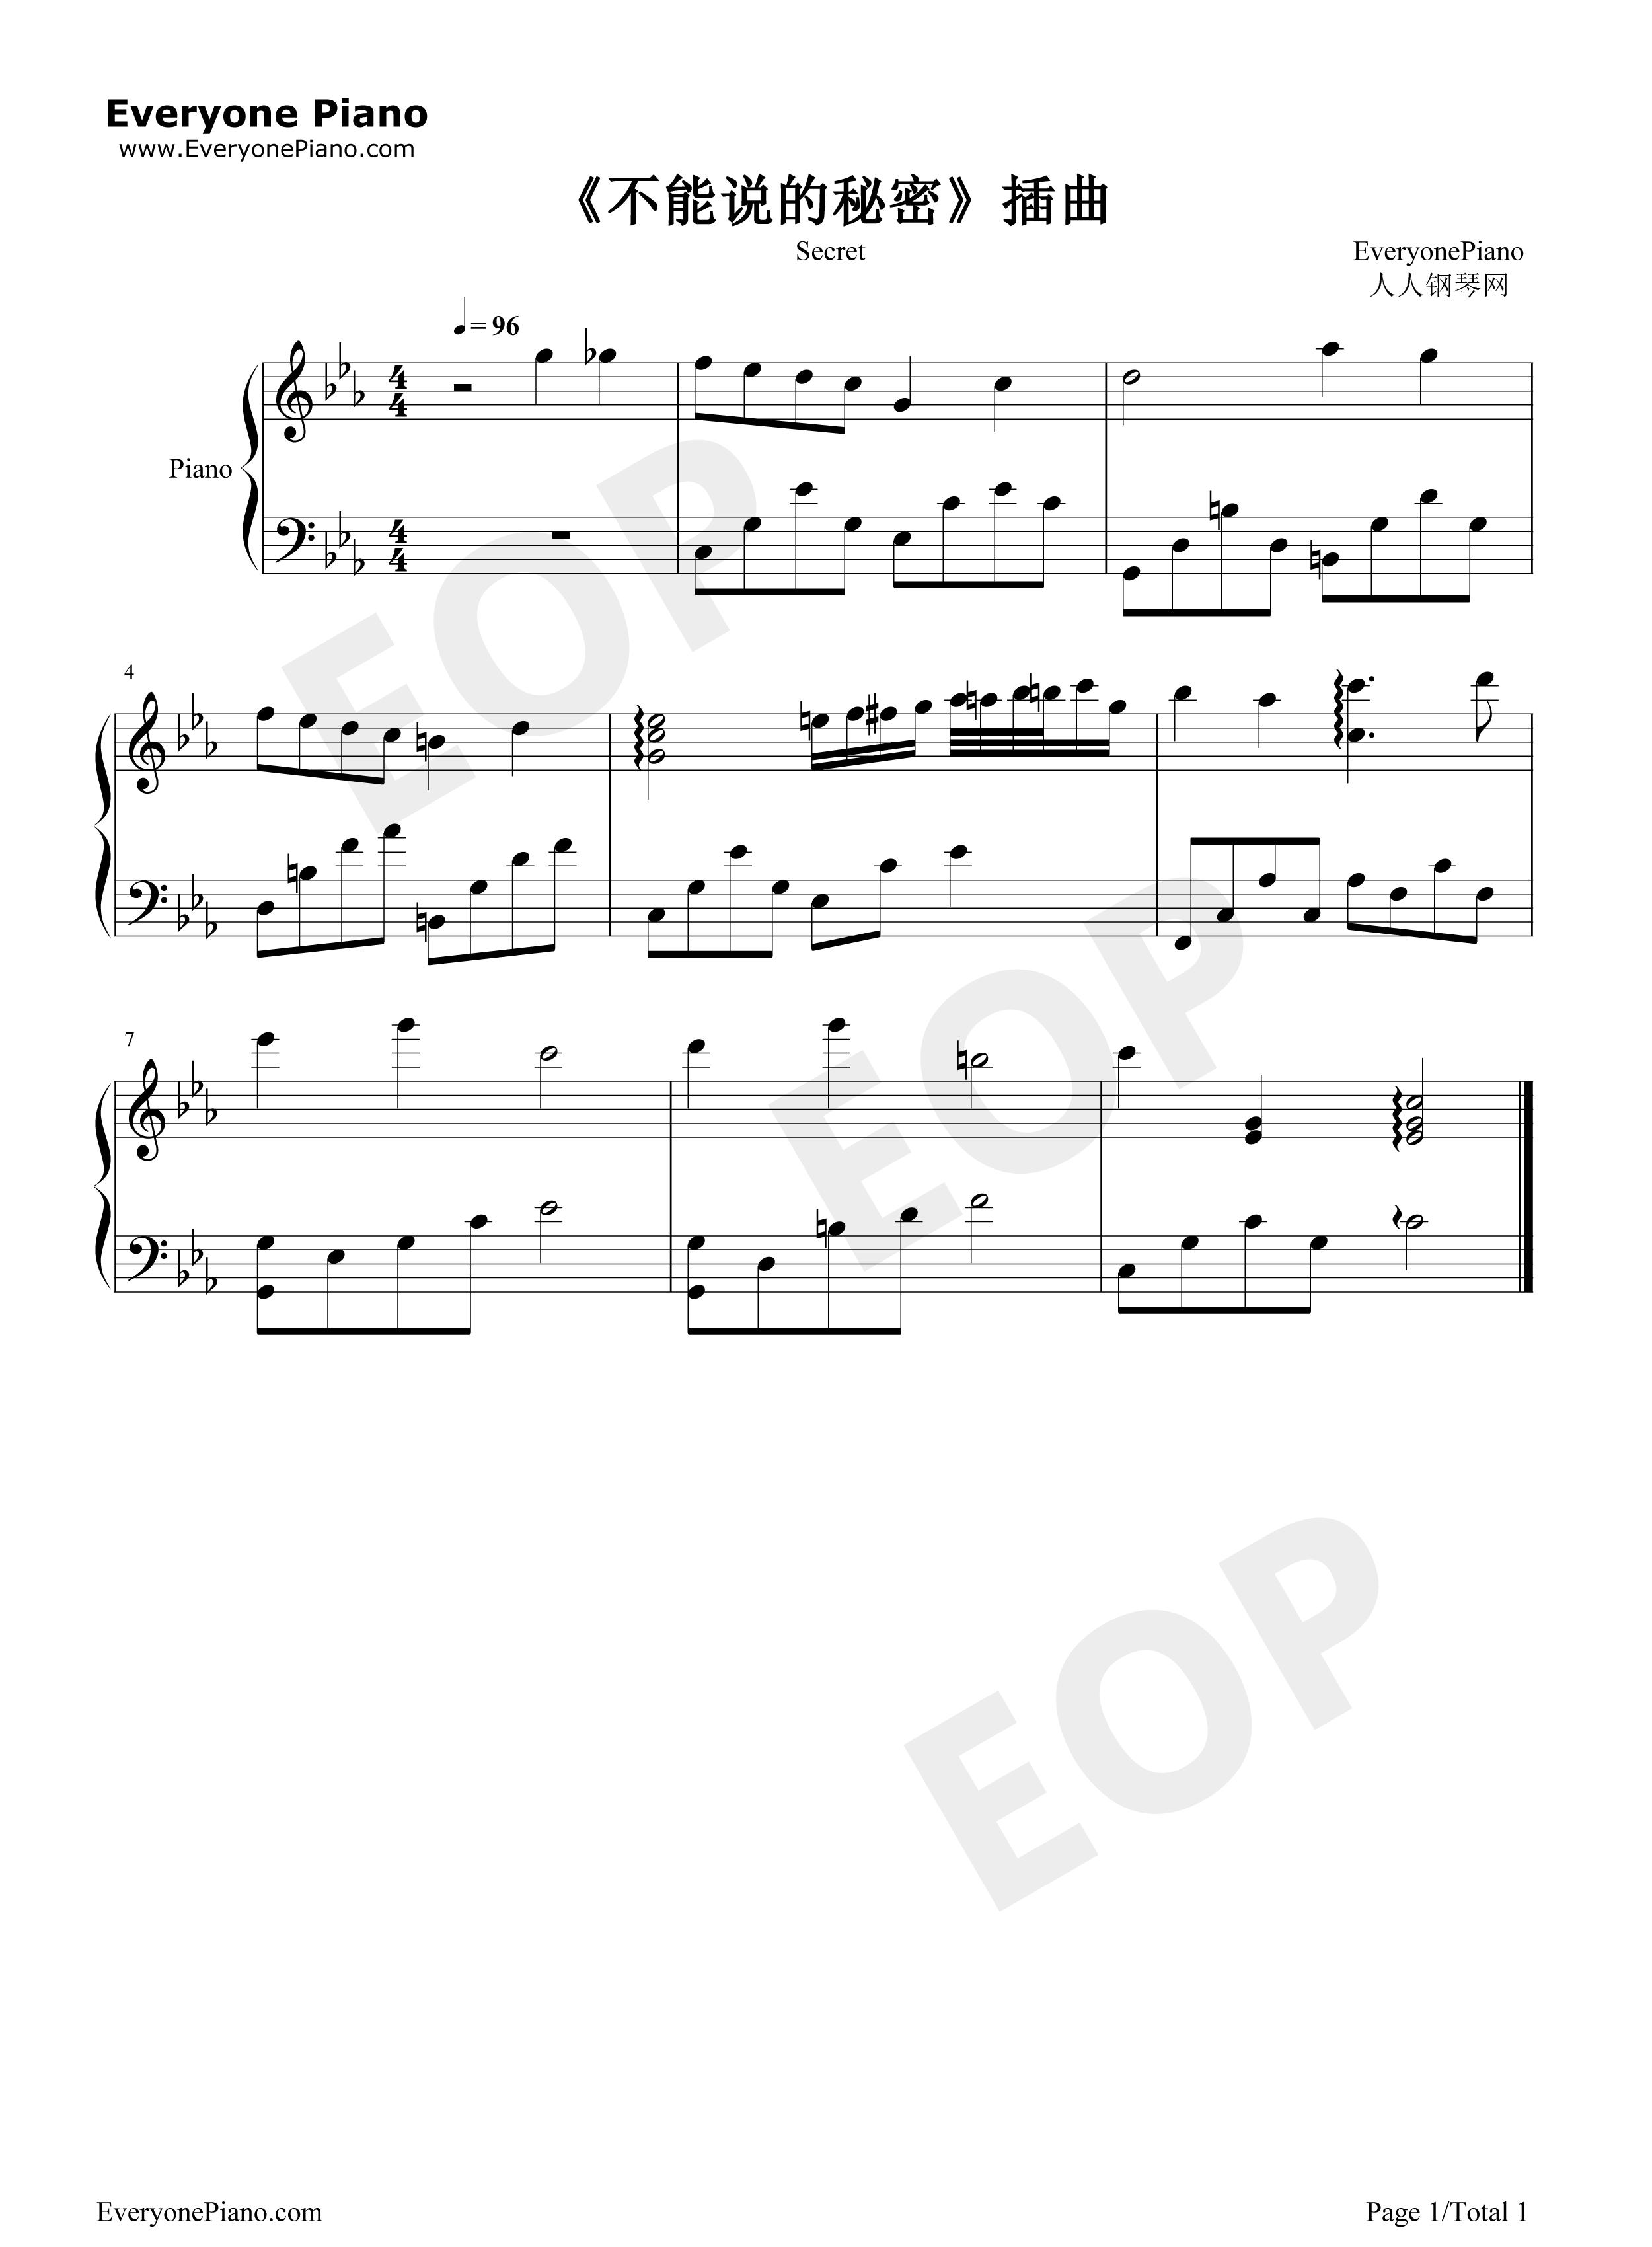 钢琴曲谱 流行 不能说的秘密插曲 不能说的秘密插曲五线谱预览1  }